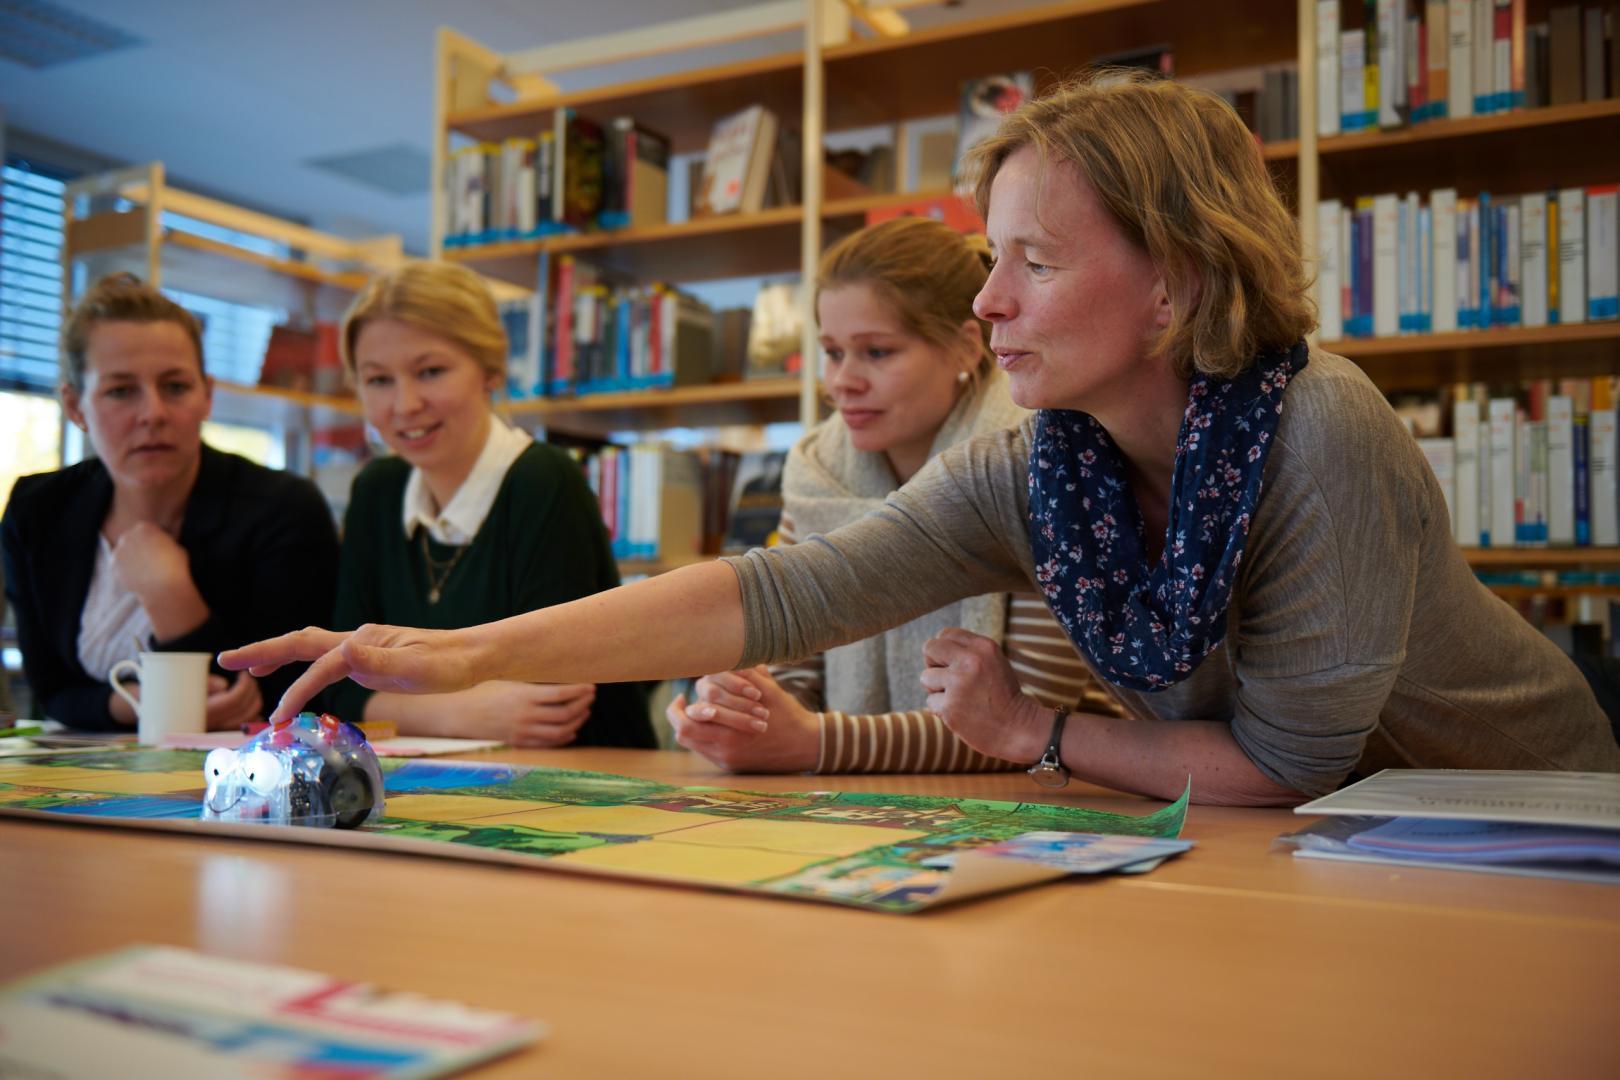 Eine Frau führt in einer Bibliothek einen kleinen Roboter vor Publikum vor.